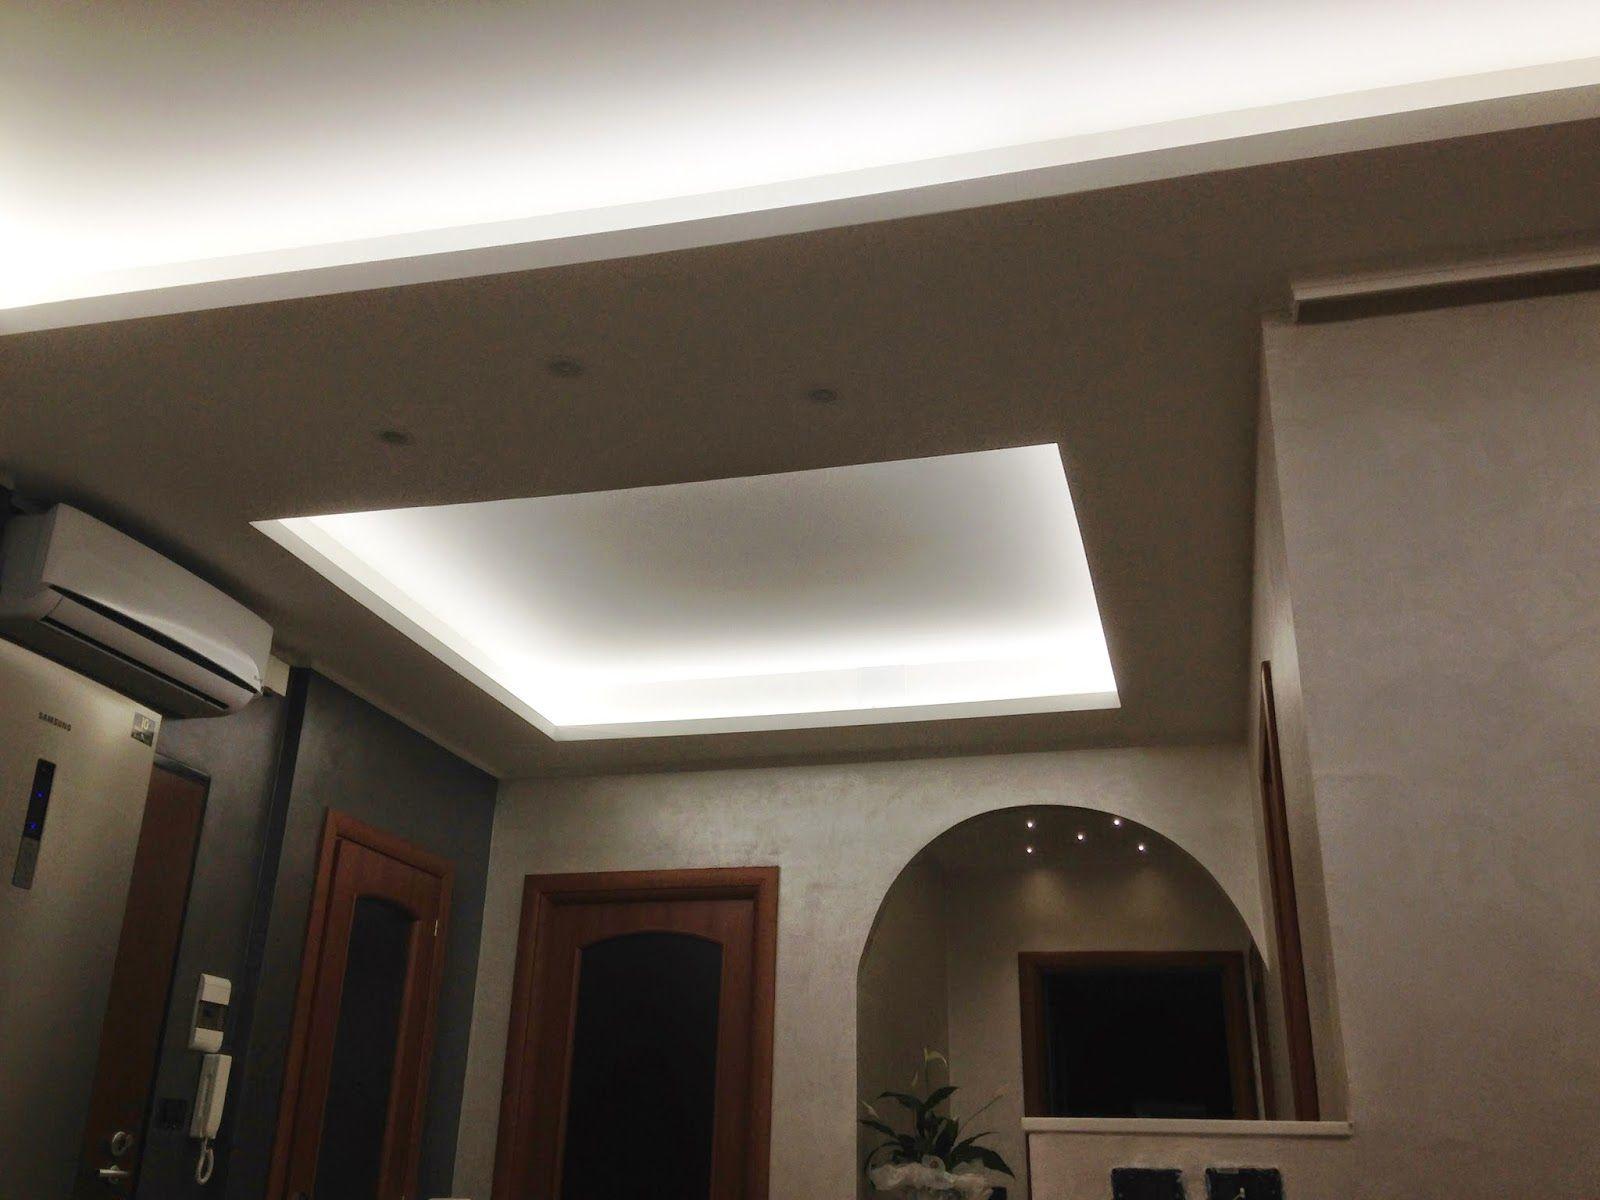 Un contro soffitto in un ingresso illuminato con una striscia led